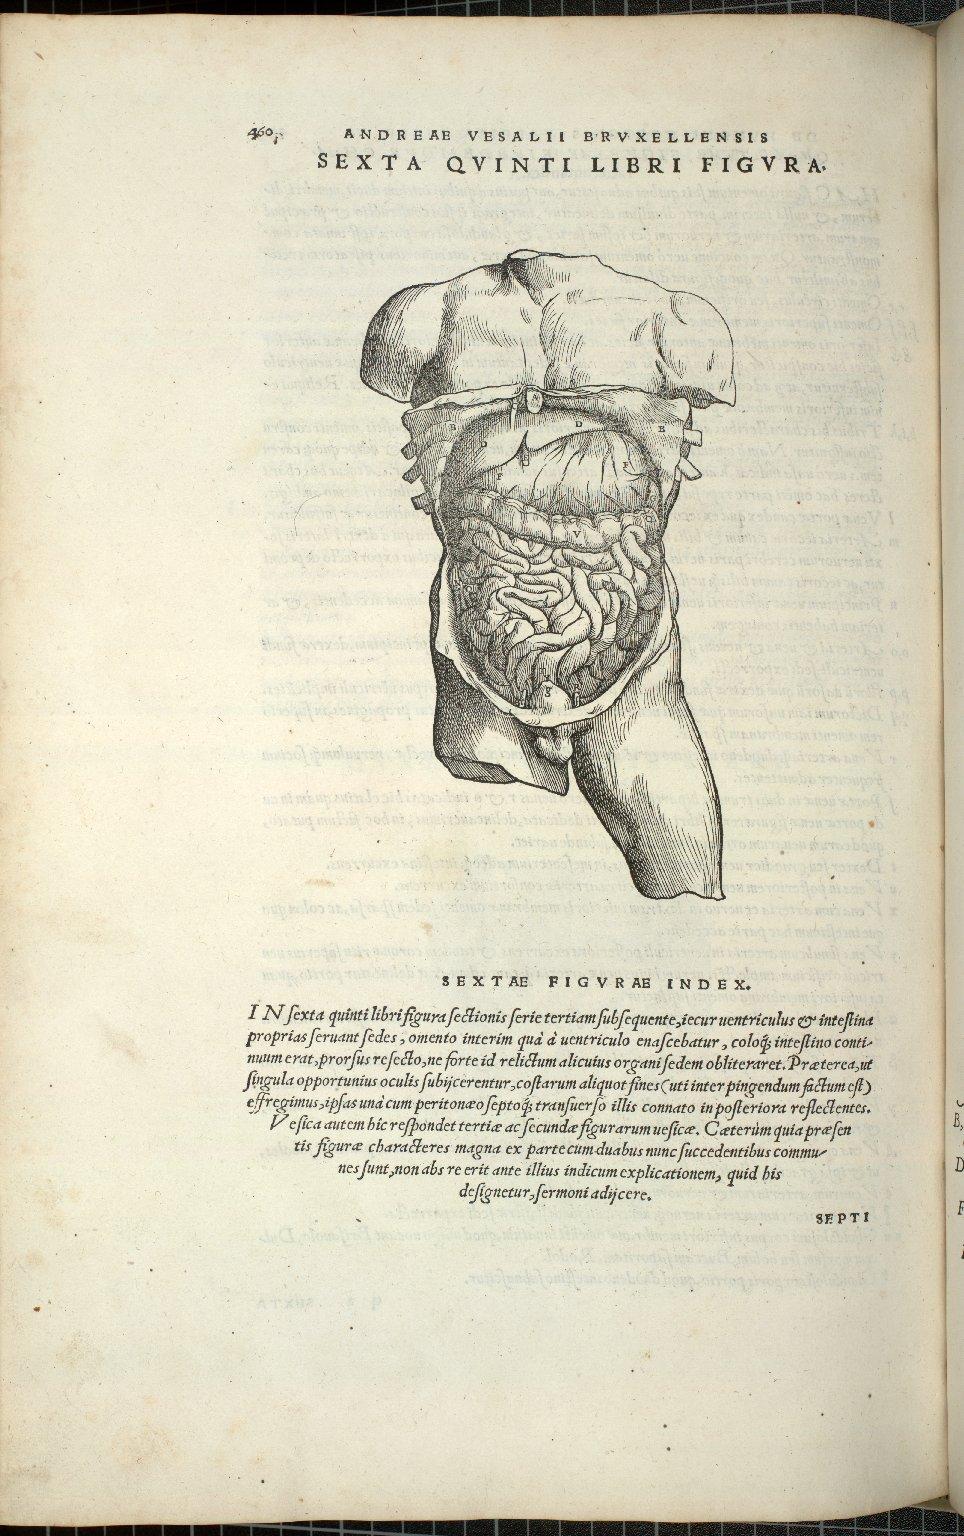 Organis Nutritioni, Sexta Quinti Libri Figura.